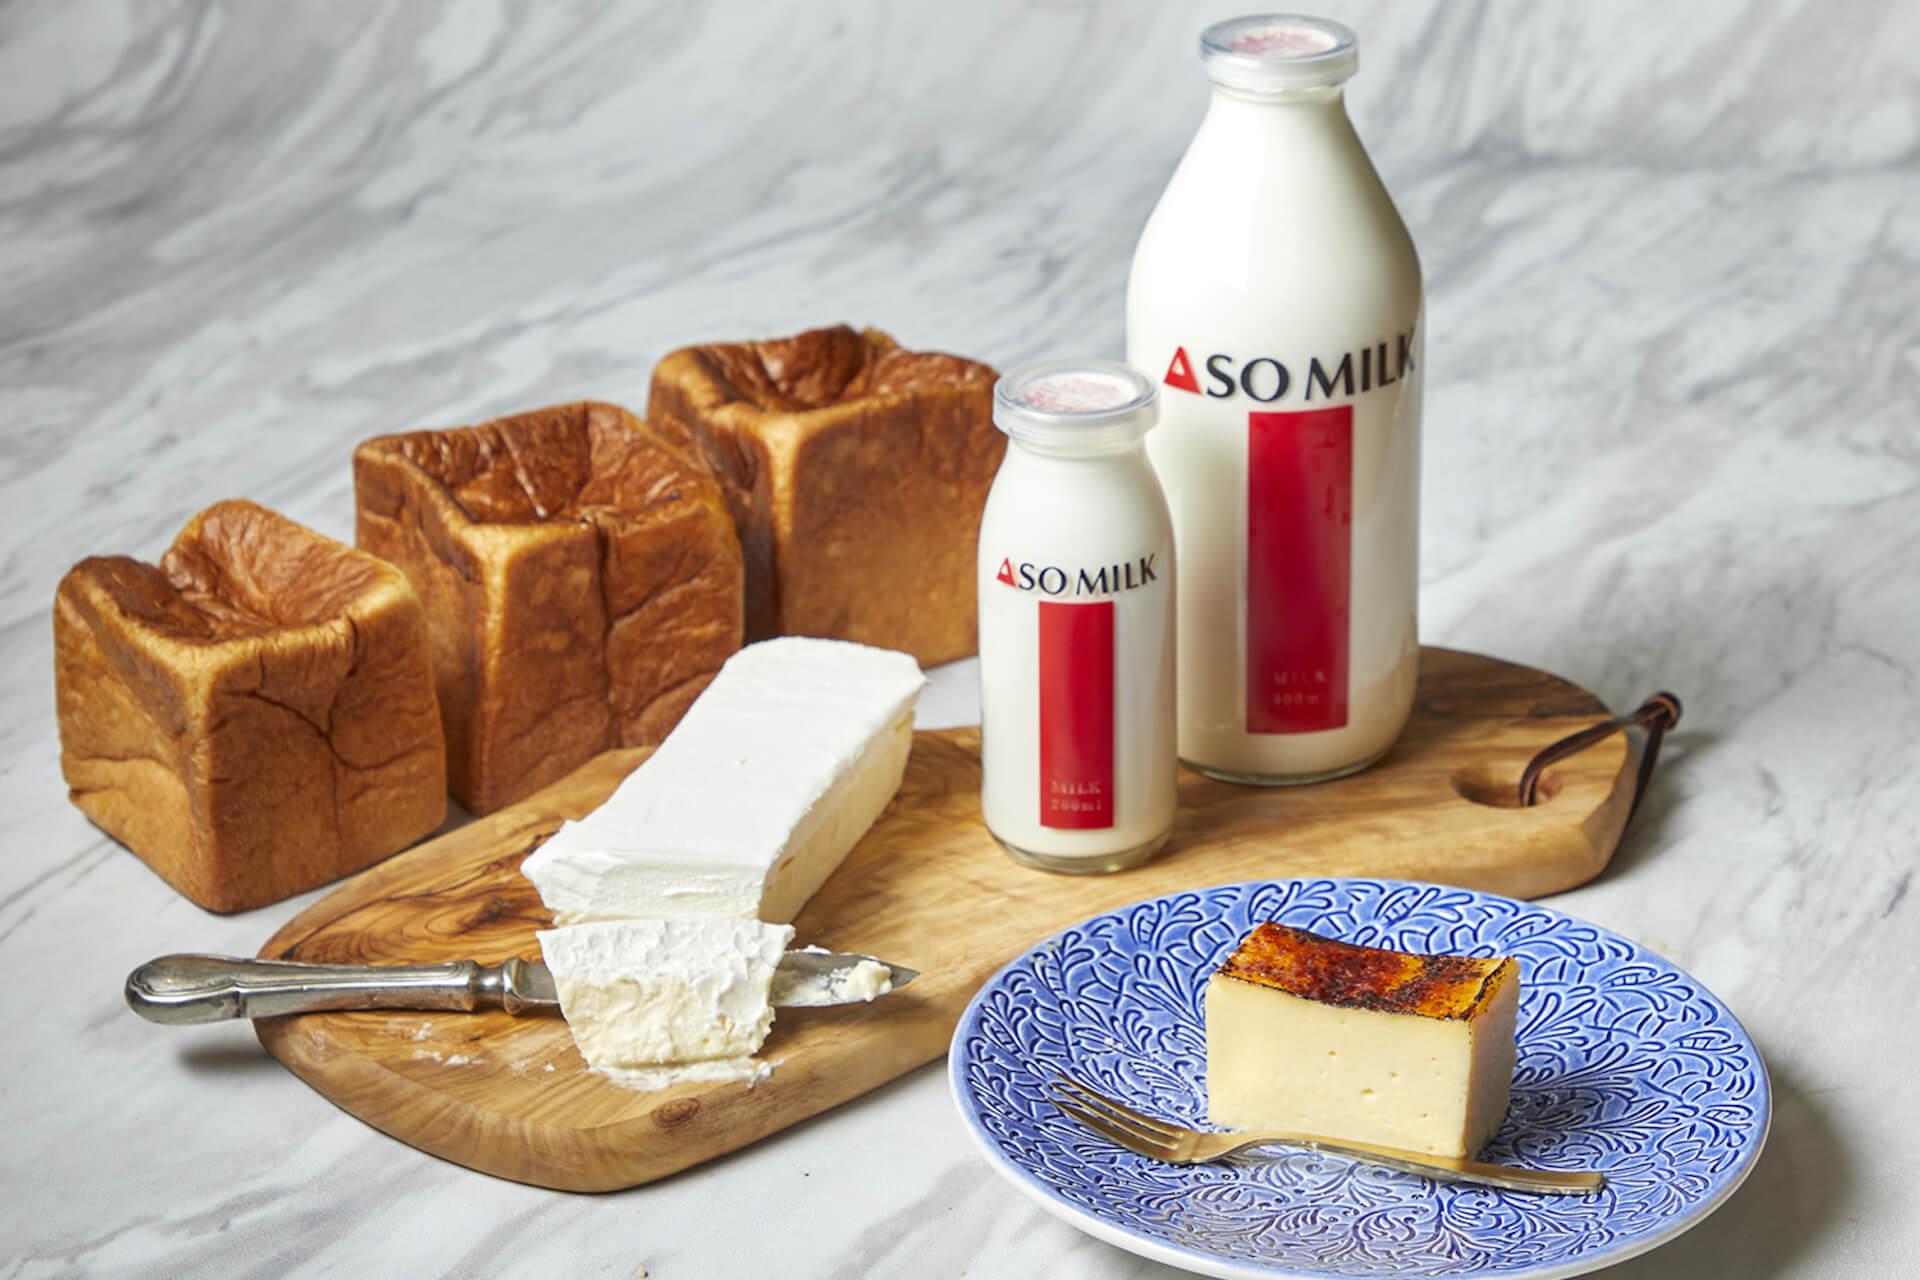 熊本・ASO MILKを使った超濃厚なマリトッツォ&ソフトクリームがBAKE&MILKで本日発売! gourmet210408_bakeandmilk_5